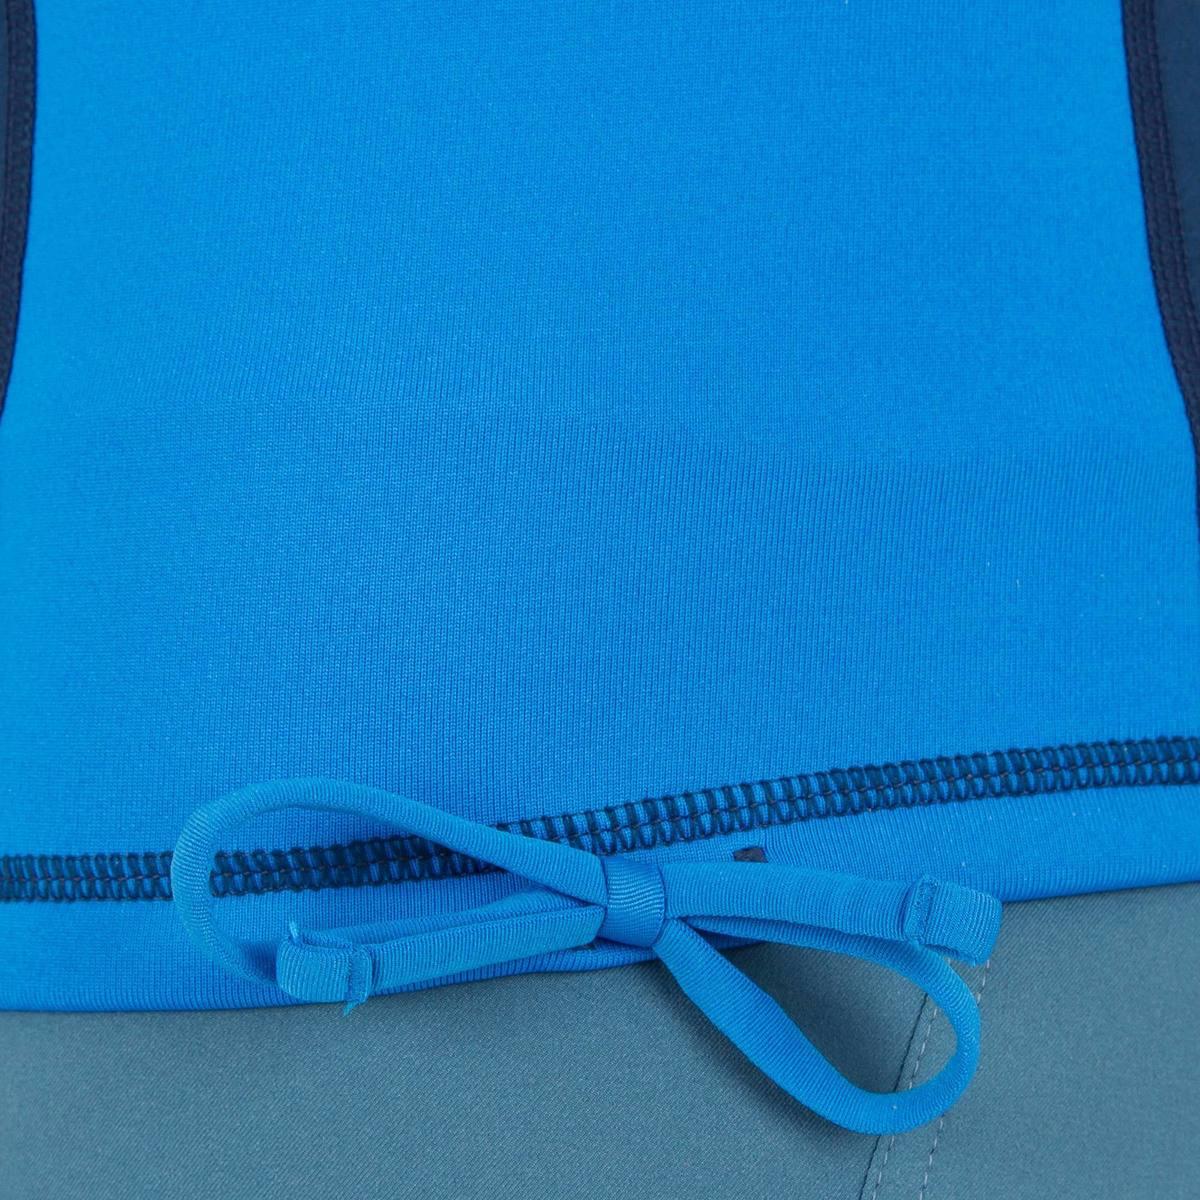 Bild 5 von Thermo-Shirt kurzarm UV-Schutz 900 Fleece Herren blau